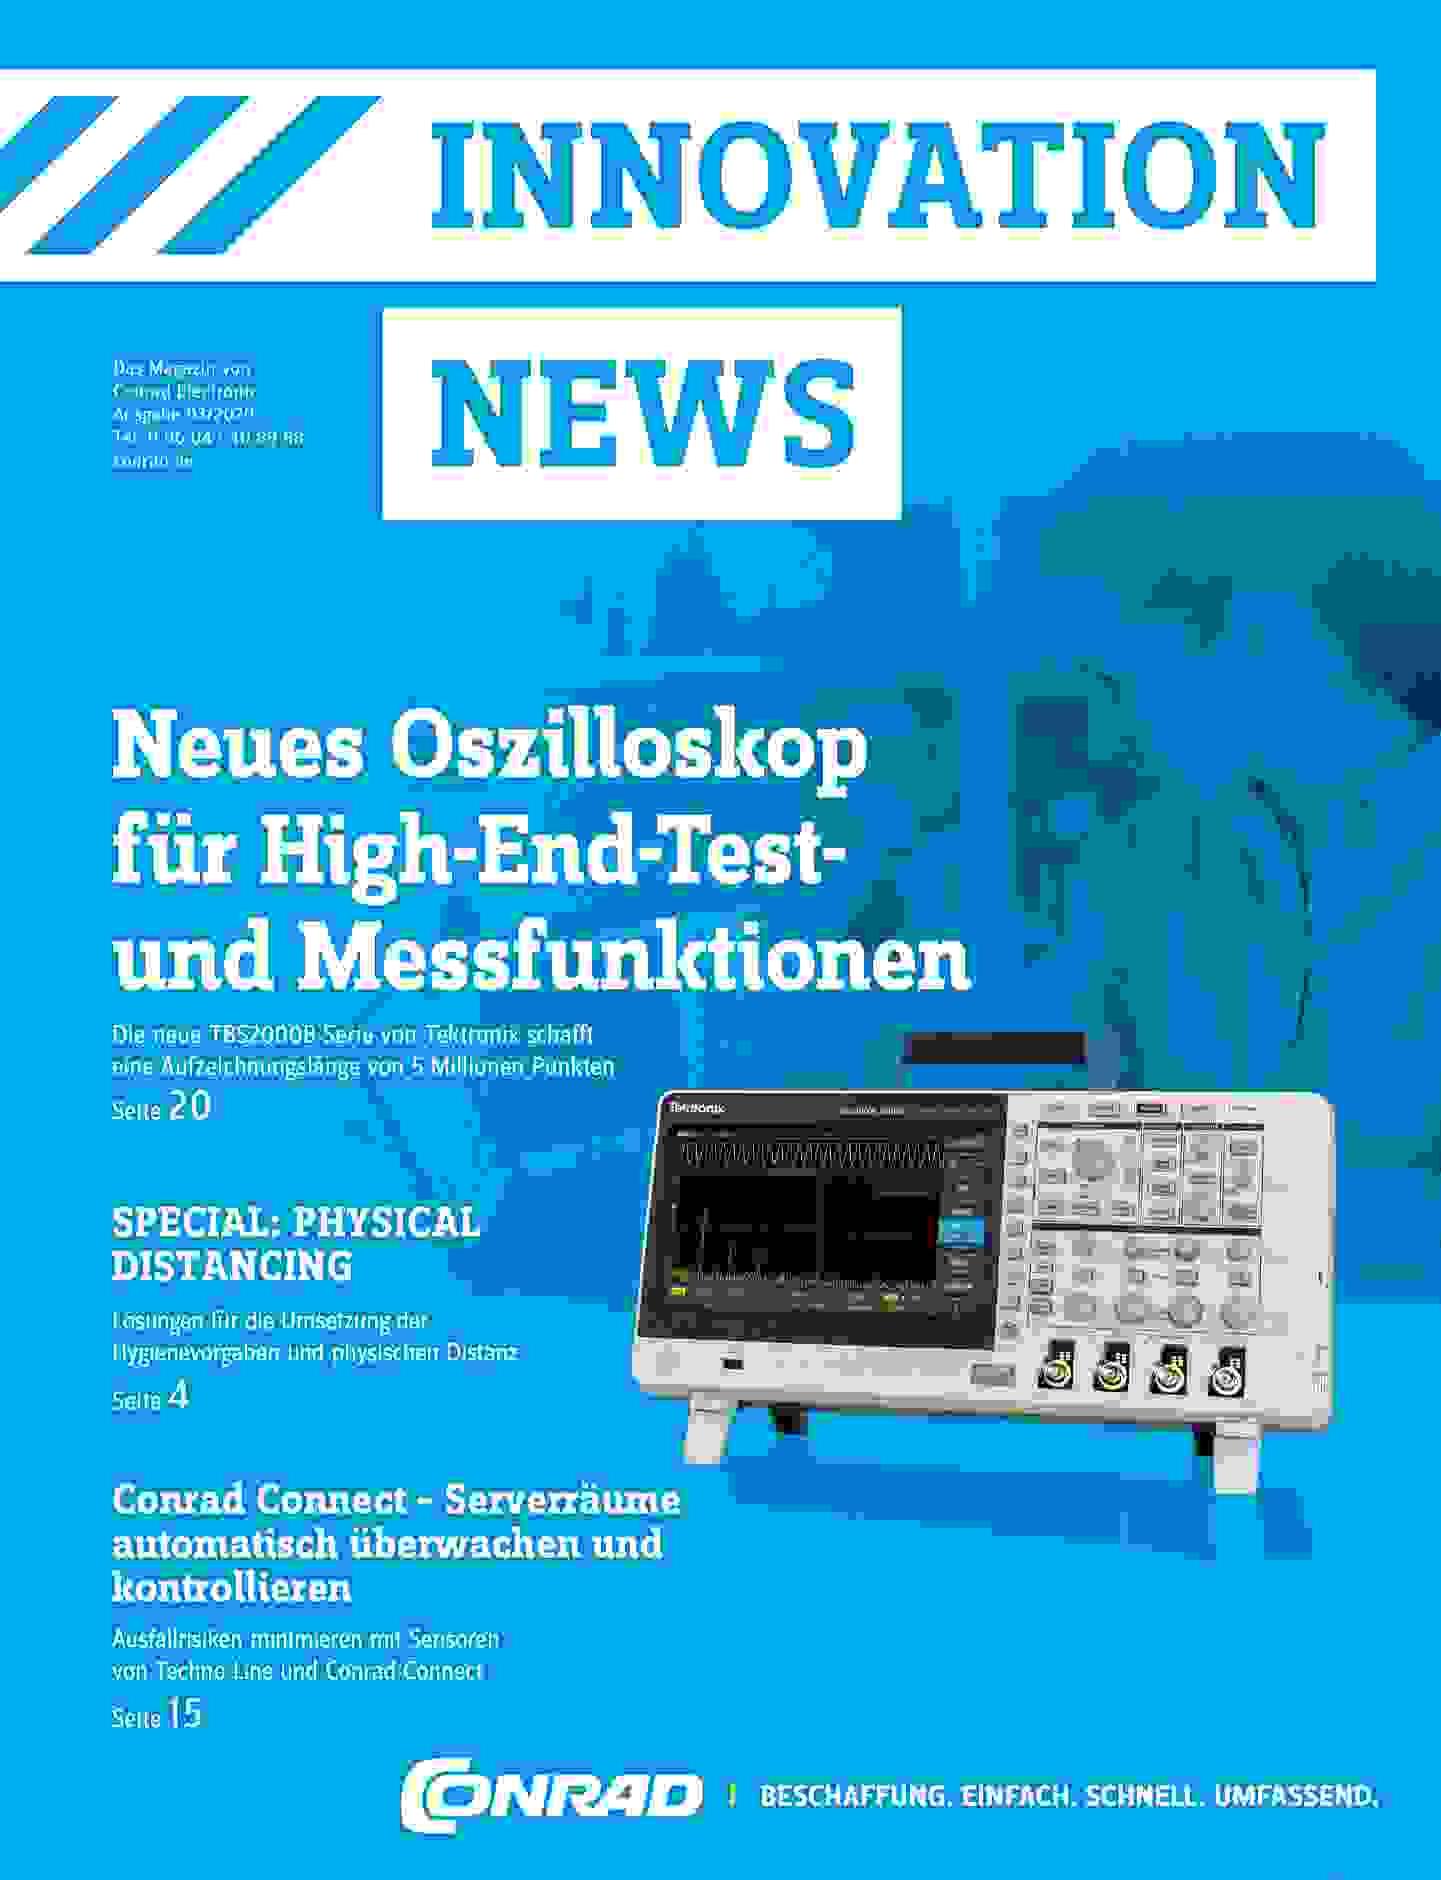 Innovation News Bildungseinrichtungen